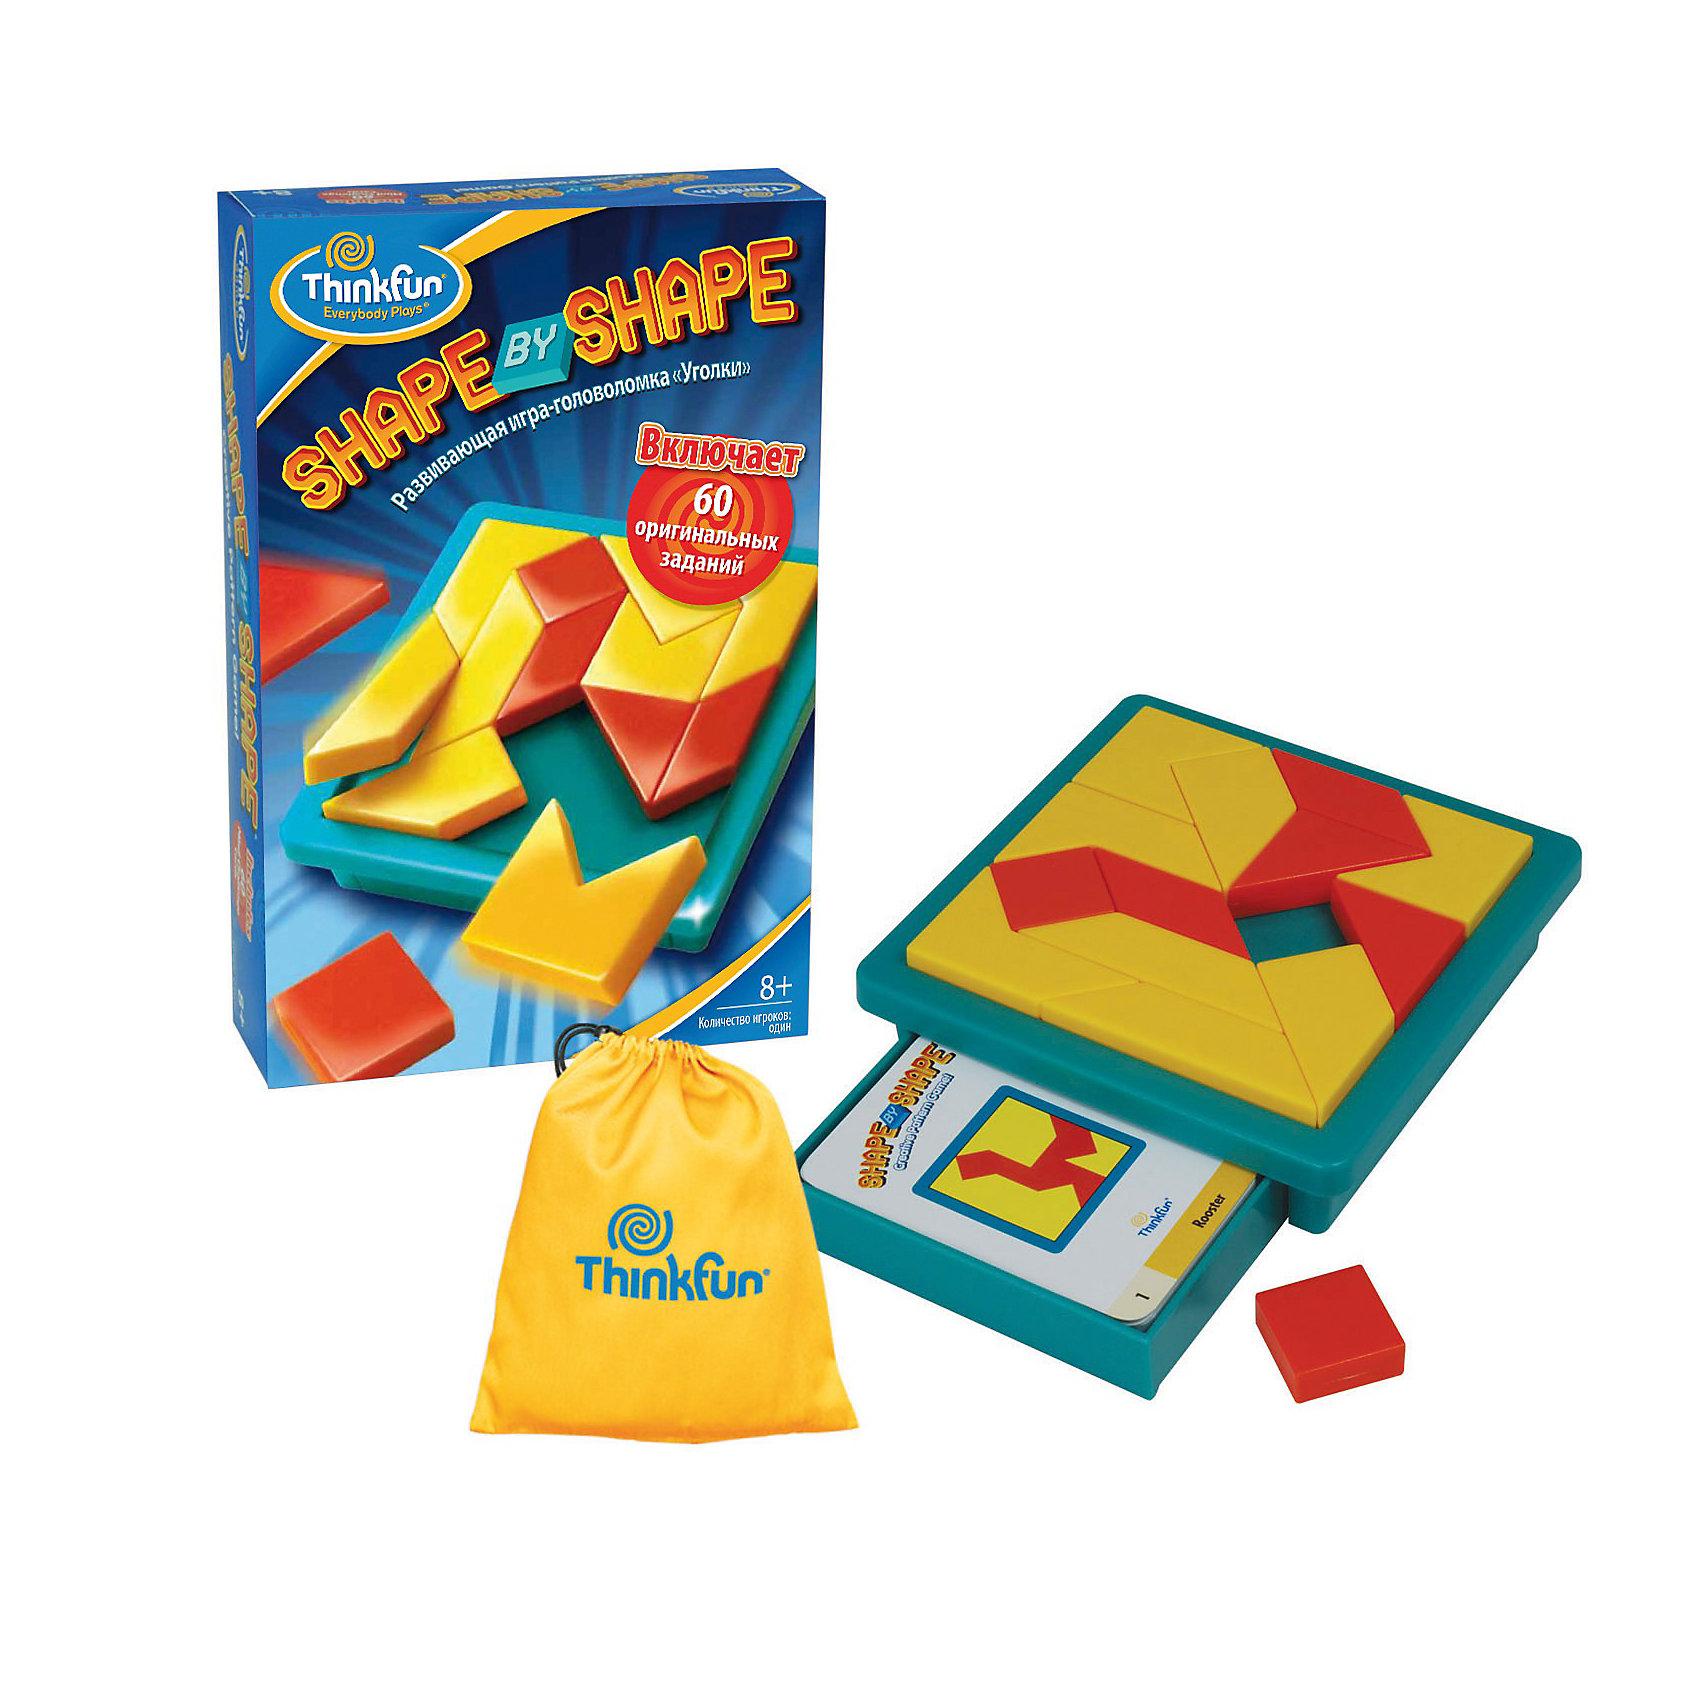 Игра Уголки  Shape by shape, ThinkfunУголки Shape by shape - детская игра, в которой нужно собирать фигуры на поле из сложных фигур. <br><br>Цель игры - нужно посмотреть на карточку и собрать такую же композицию на игровом поле. Задачи примерно похожи по сложности, но с ростом опыта игра становится всё интереснее и интереснее.<br><br>Порядок игры:<br>- Выберите из колоды карточек с заданиями одну карточку.<br>- Разместите части головоломки так чтобы они соответствовали рисунку на карточке. <br>- Все кусочки головоломки должны находится внутри игрового поля и лежать горизонтально.<br>Решение для каждого задания показаны на обороте карточки.<br><br>Дополнительная информация:<br><br>В набор входят: 14 пластиковых фигурок, игровое поле, 60 карточек с заданиями, на обратной стороне которых есть подсказки на тот случай, если собрать не получается, и нейлоновый мешочек.<br><br>Данная игра хорошо развивает моторику и системное мышление.<br><br>Ширина мм: 200<br>Глубина мм: 220<br>Высота мм: 60<br>Вес г: 658<br>Возраст от месяцев: 96<br>Возраст до месяцев: 144<br>Пол: Унисекс<br>Возраст: Детский<br>SKU: 2148456